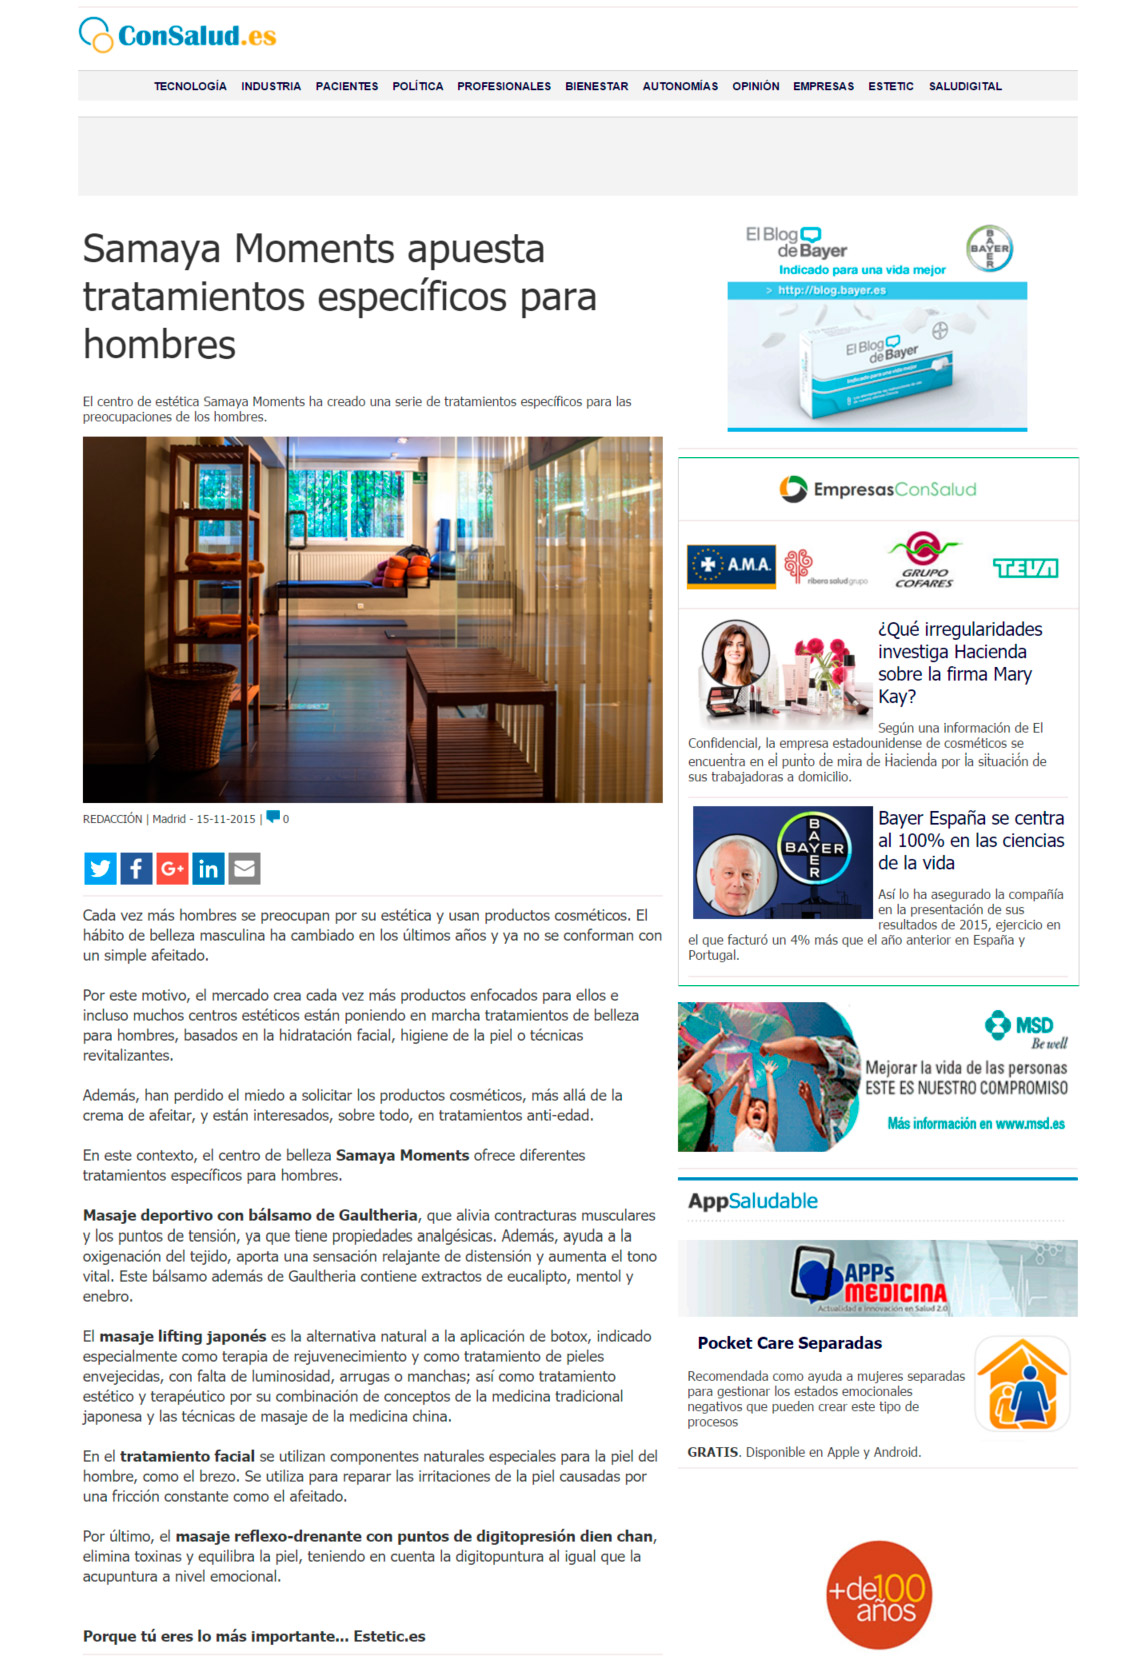 consalud.es-Nov15-2015